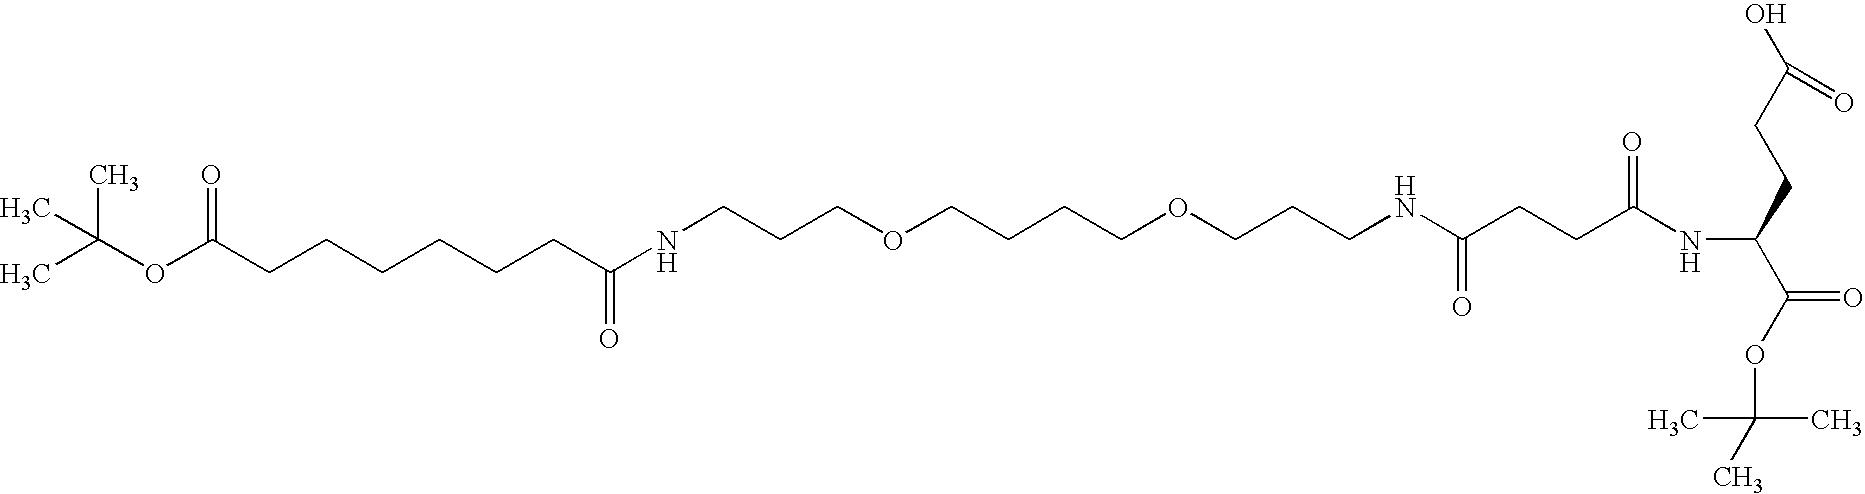 Figure US20100227796A1-20100909-C00037